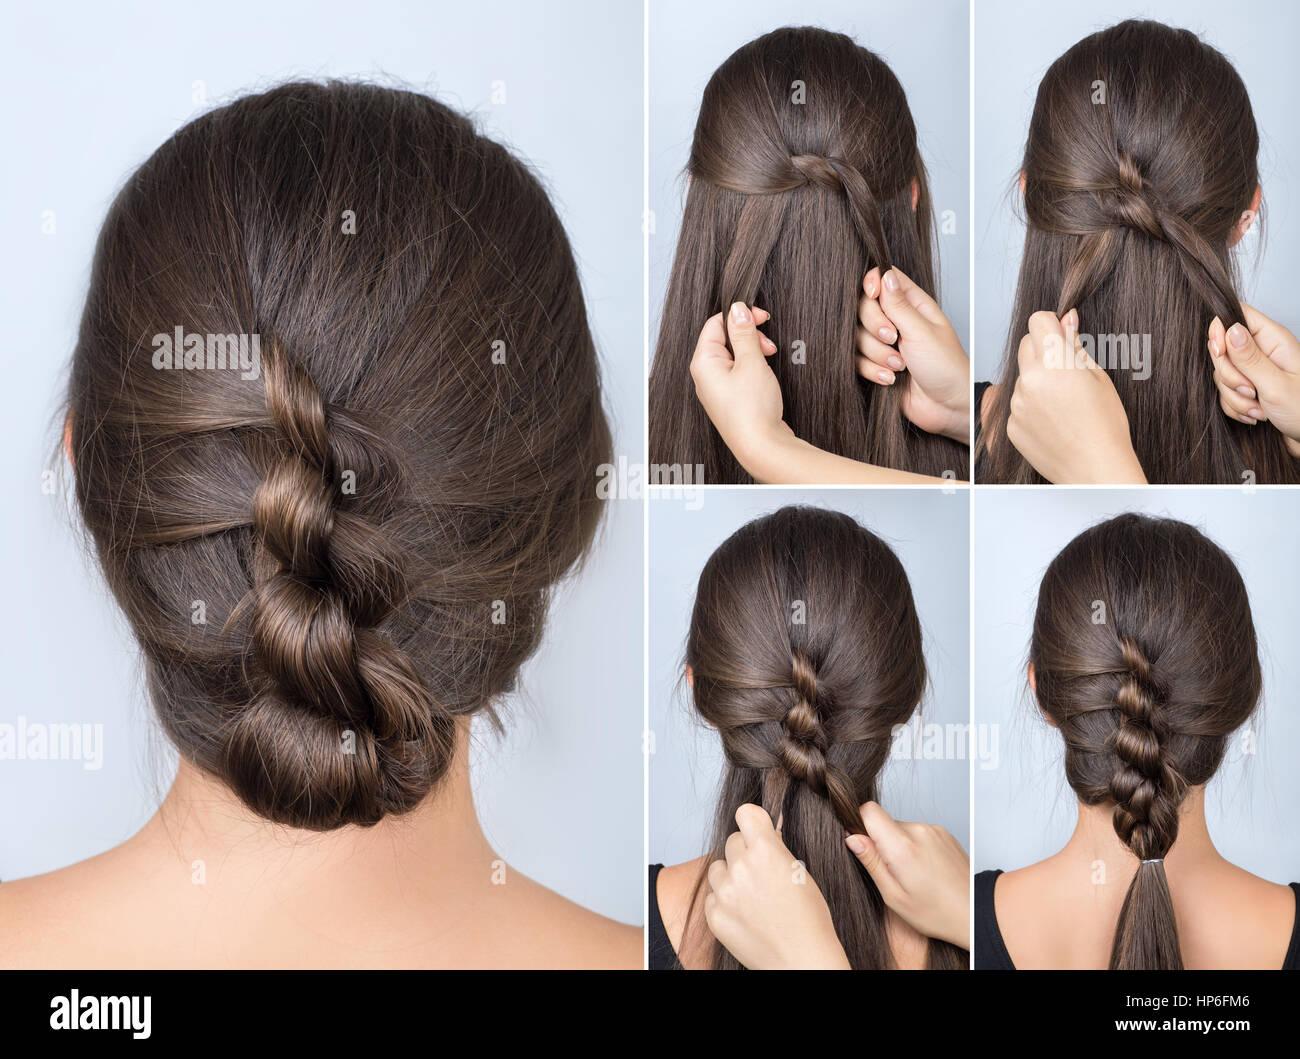 Einfache Verdrehte Frisur Tutorial Einfache Frisur Fur Lange Haare